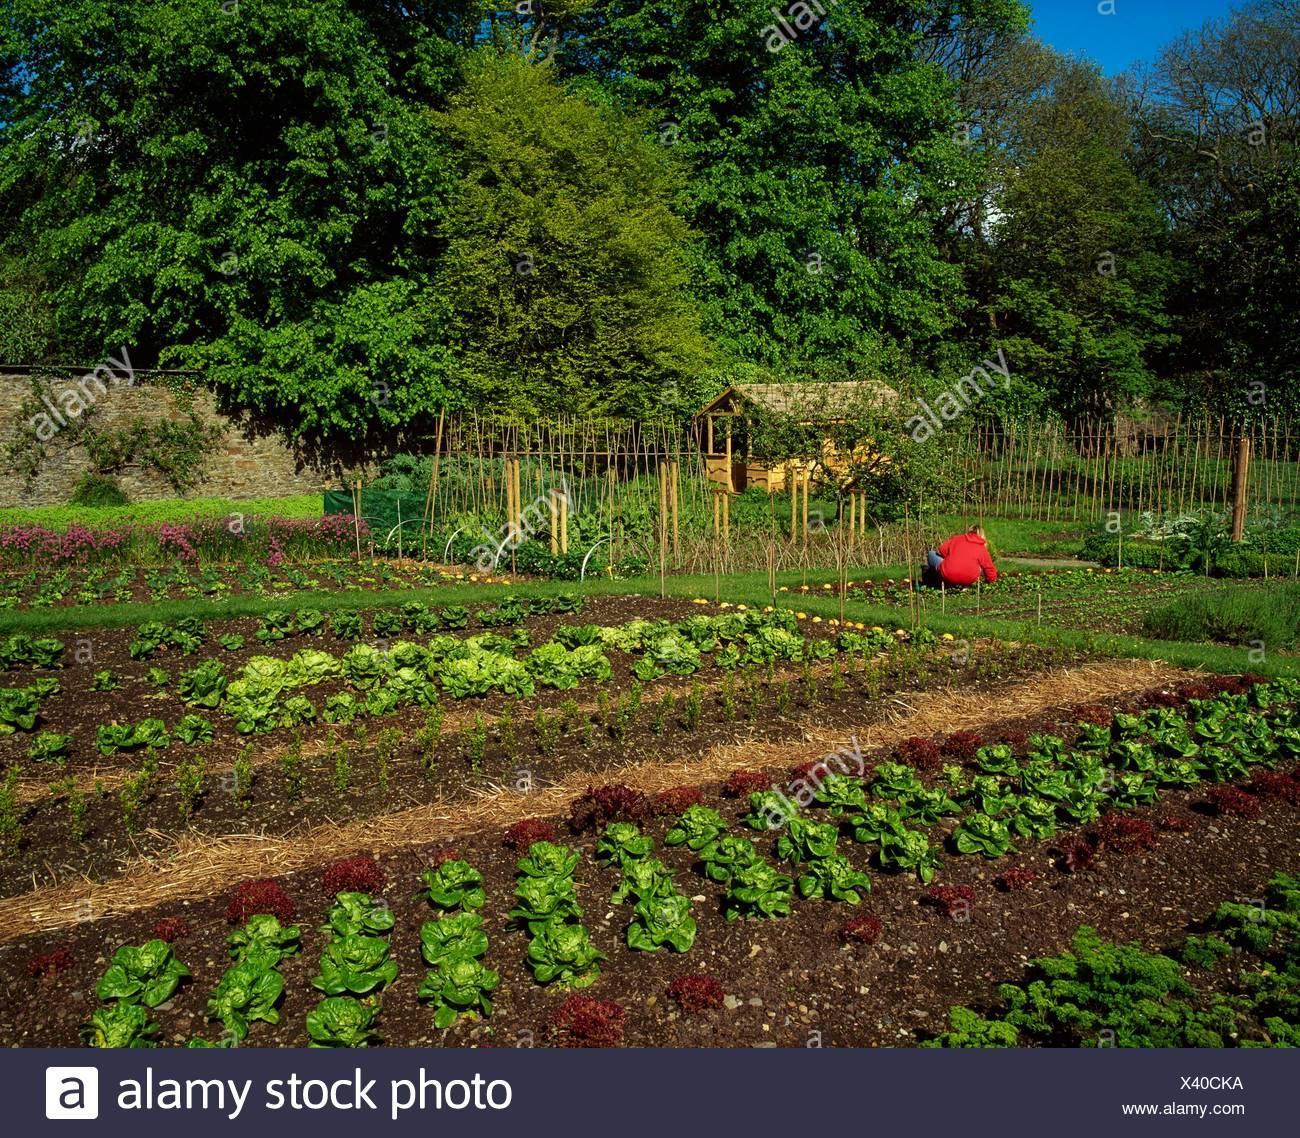 Creagh Gardens, Skibbereen, Co Cork, Ireland, Vegetable Beds In A Walled Garden - Stock Image